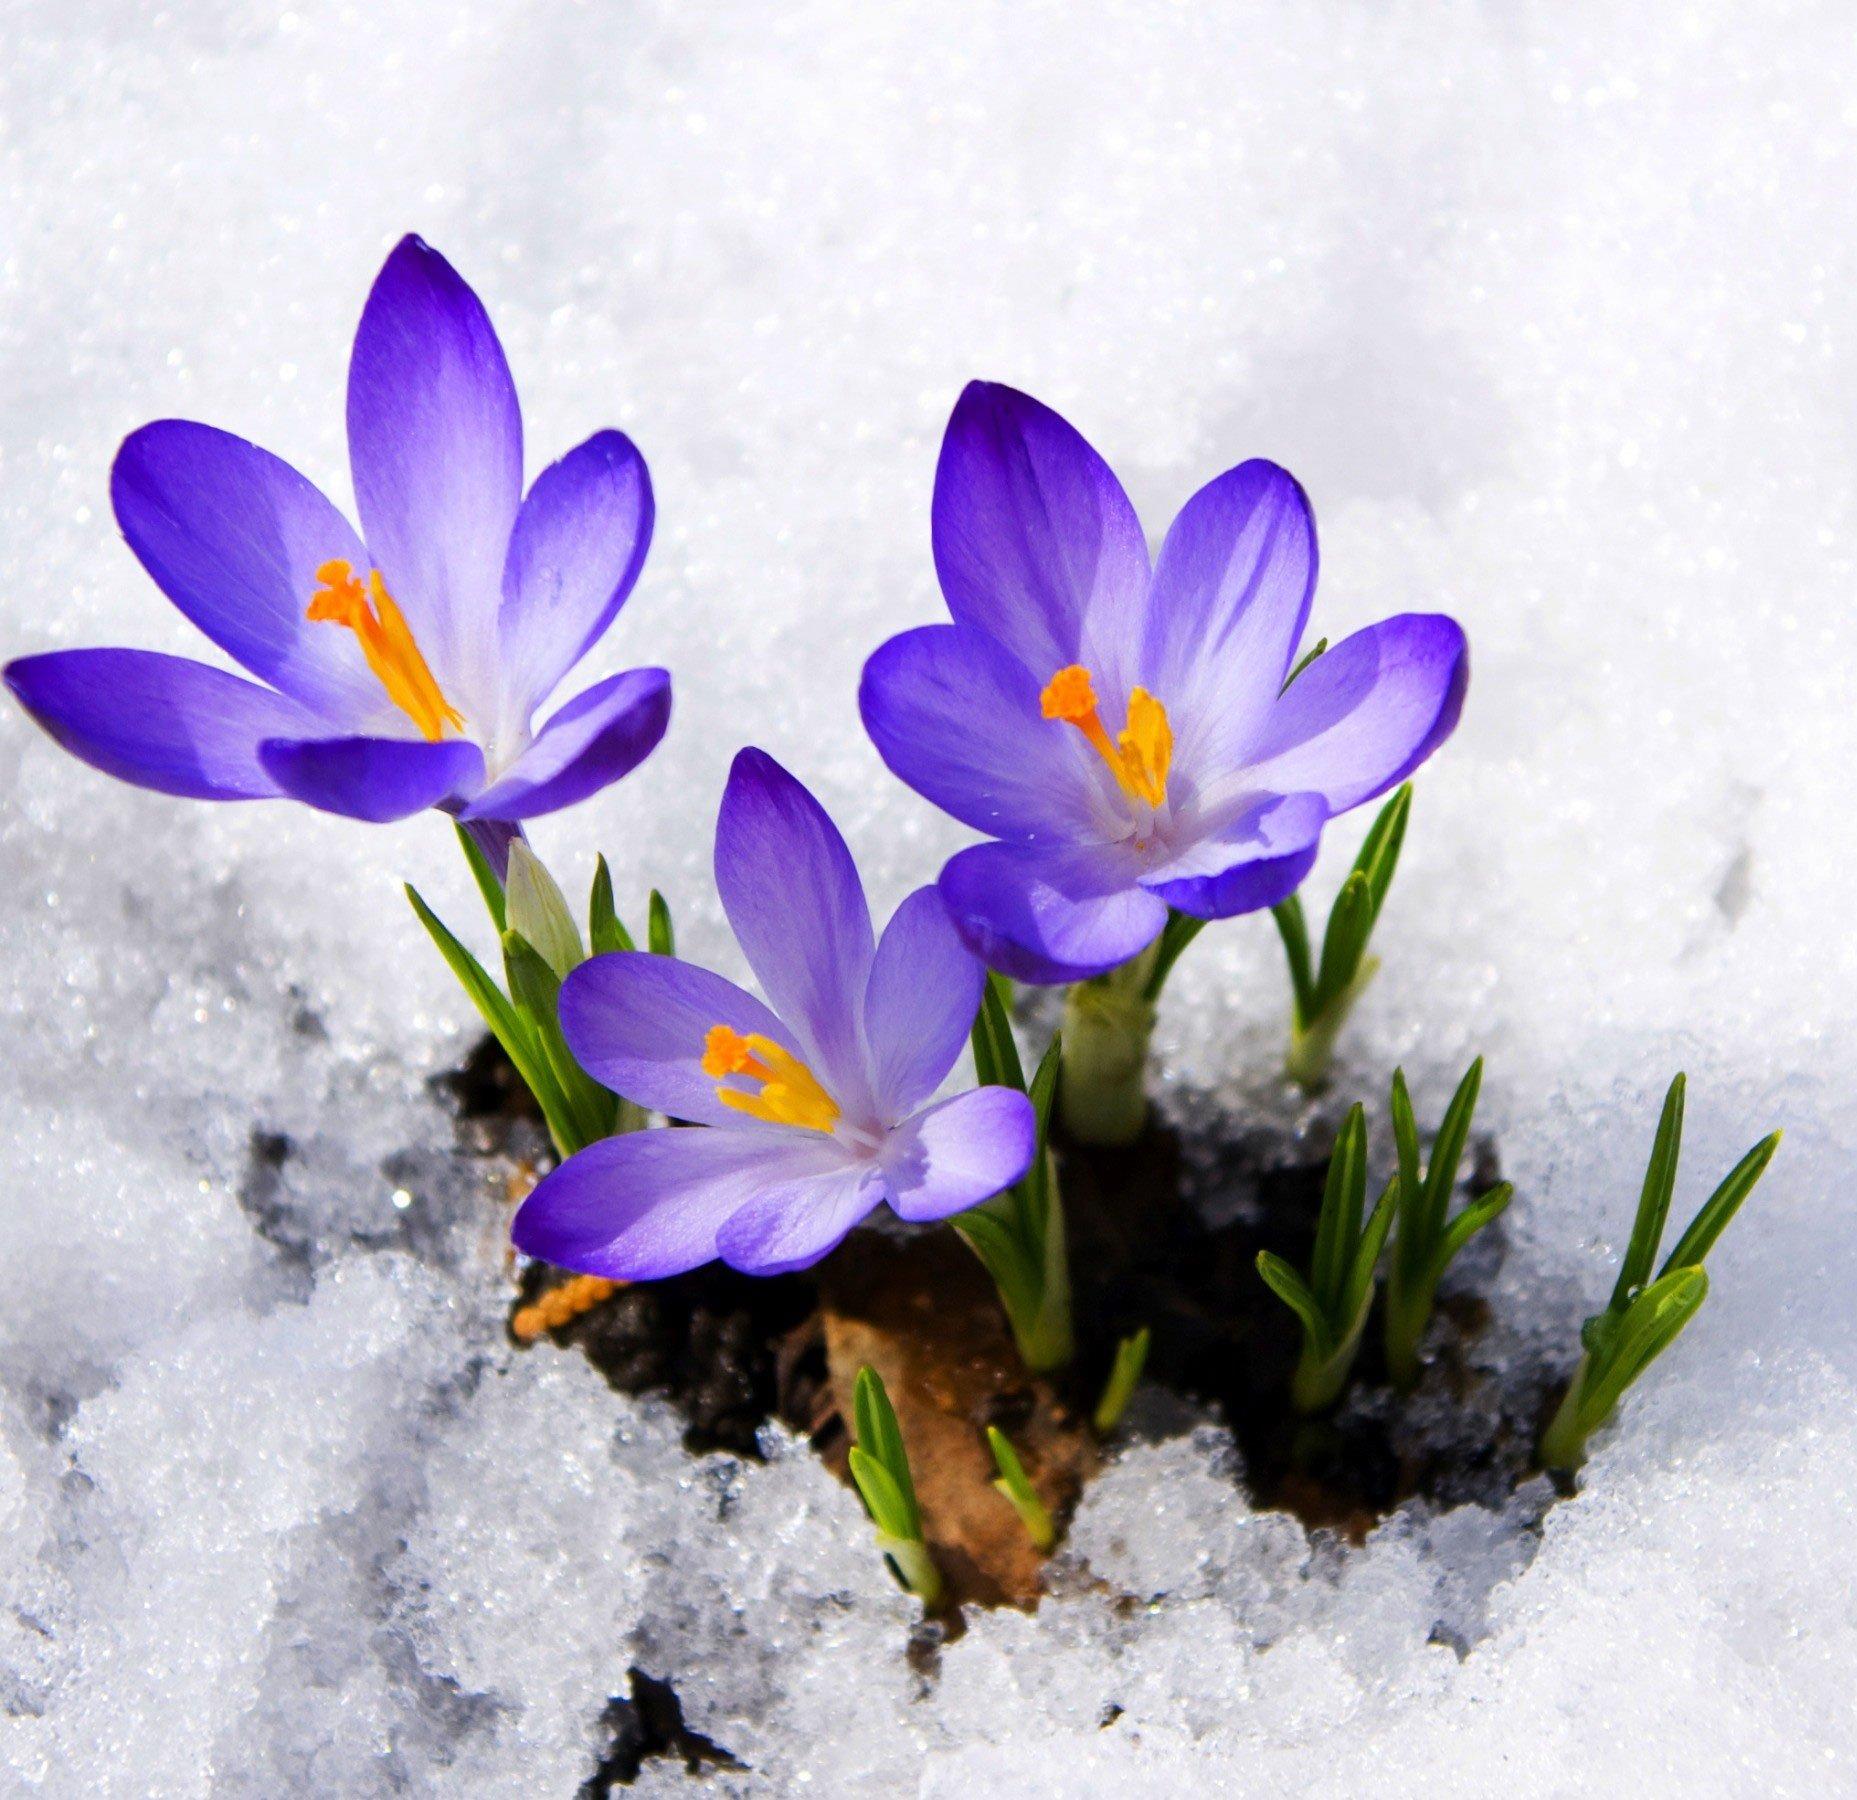 первое марта картинки красивые